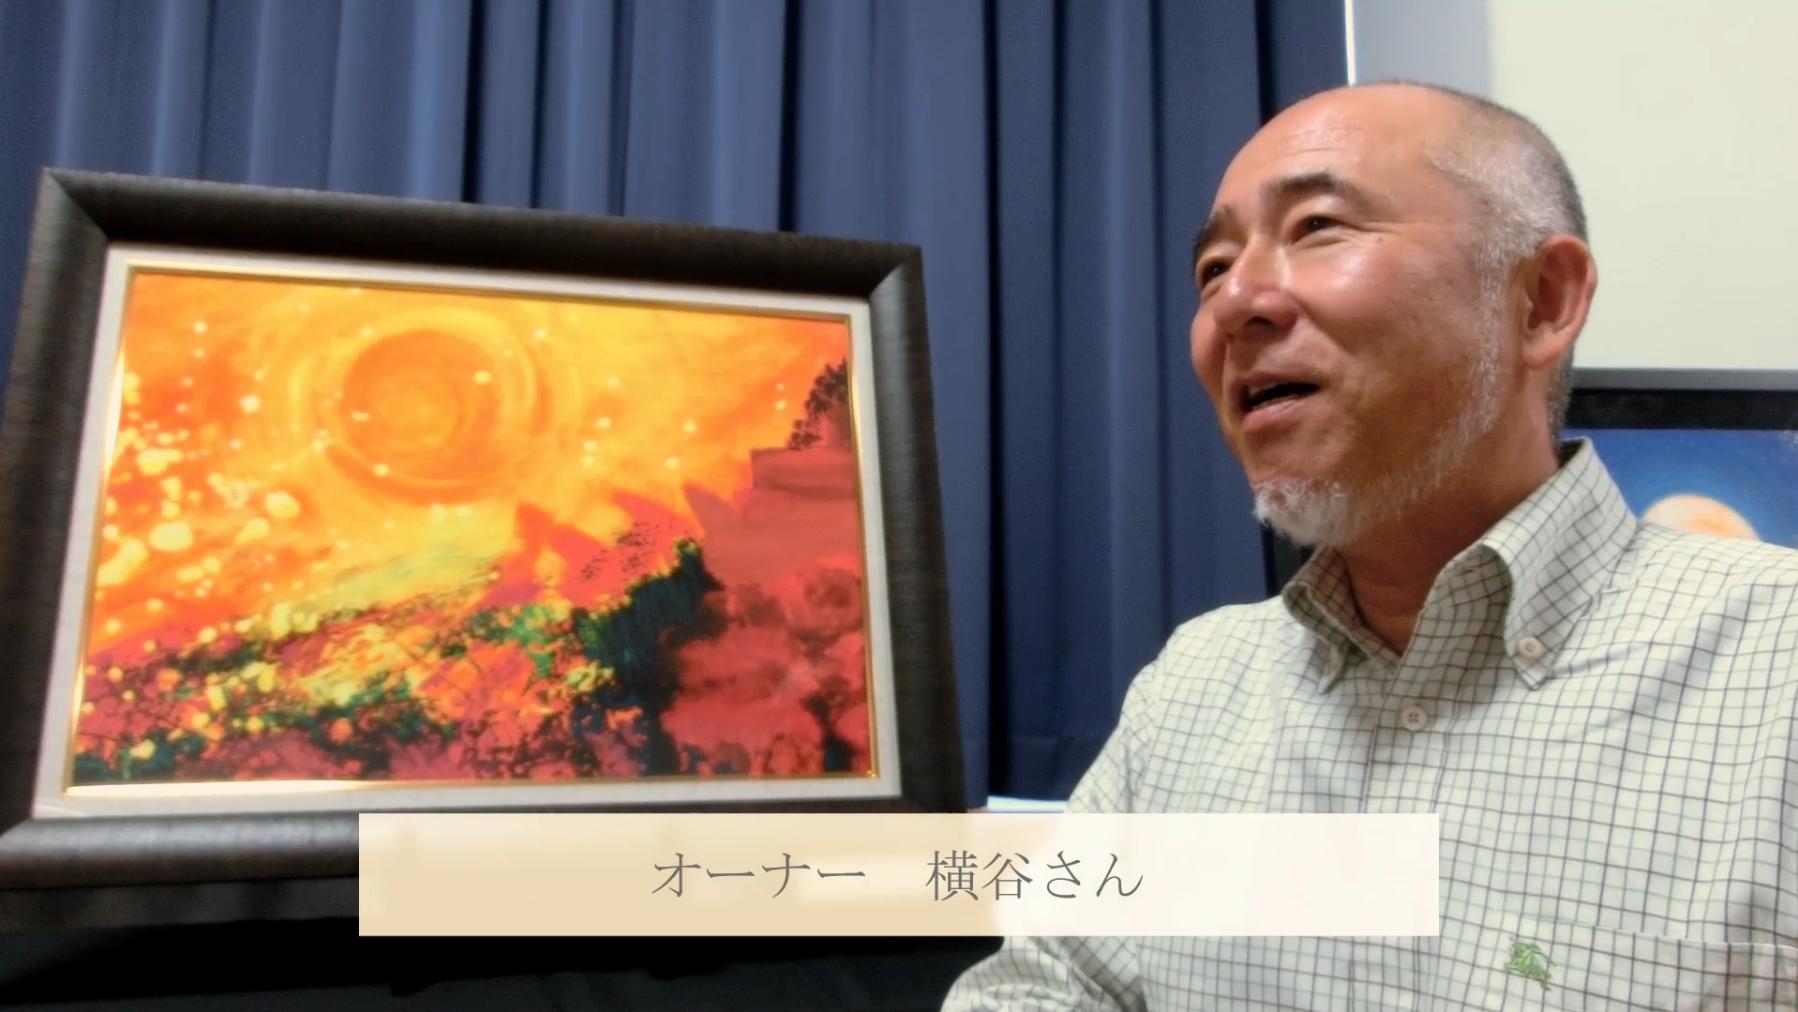 【動画】オーナーズインタビュー:横谷さん